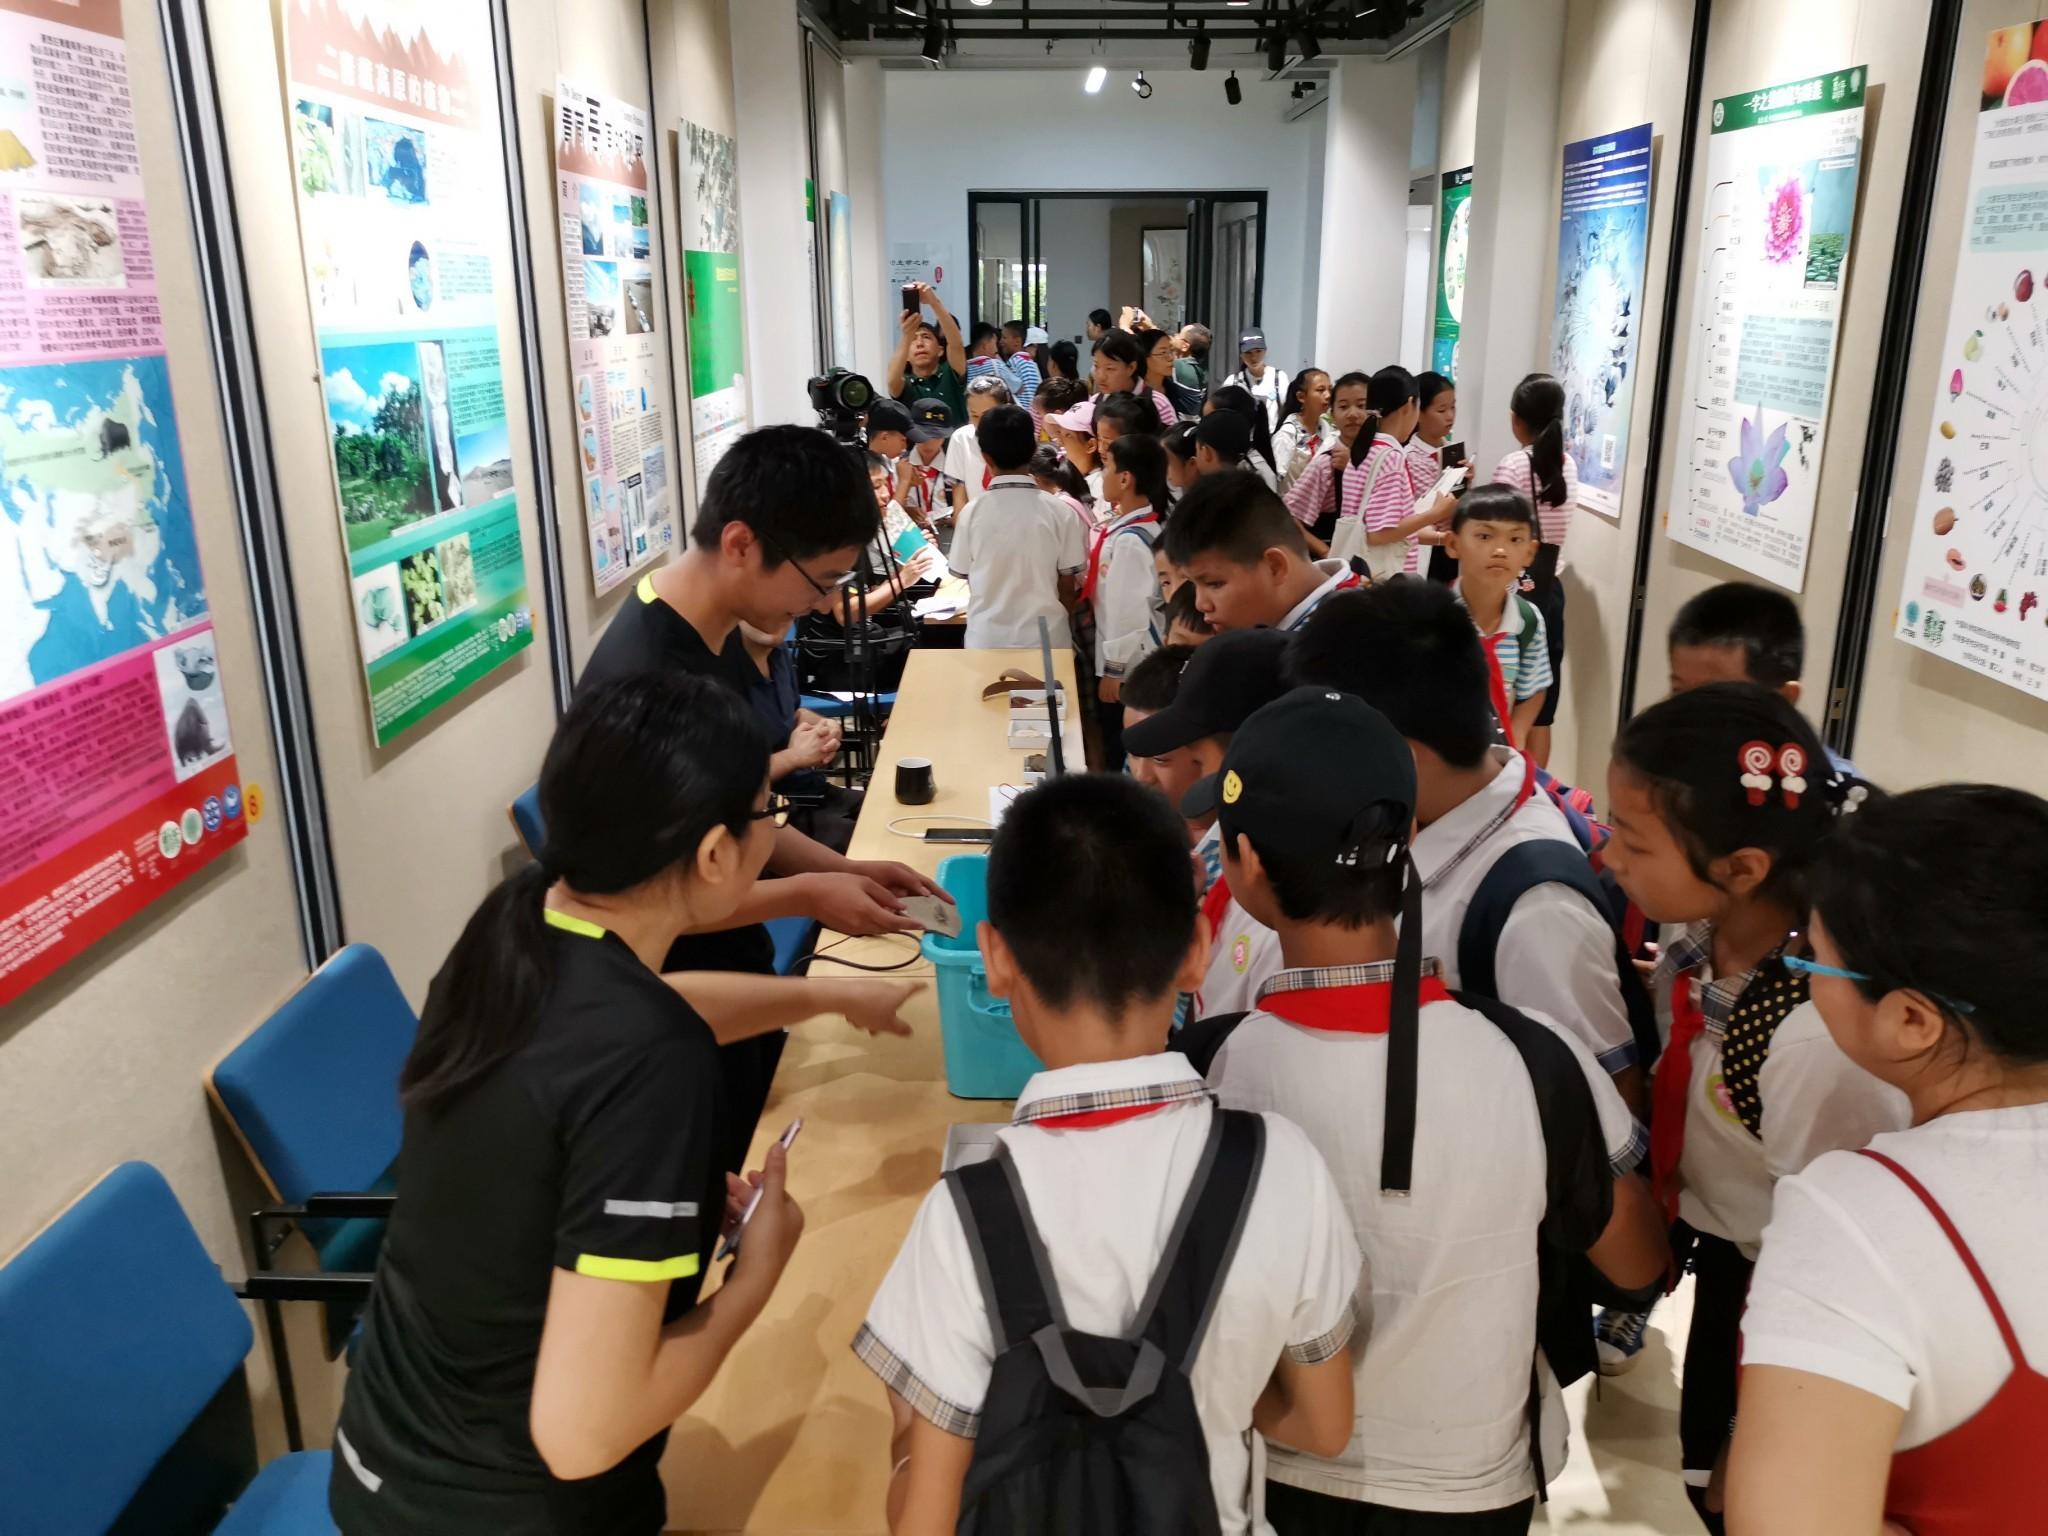 22日的科学节现场,科研人员为参观人员解说(段其武 摄)